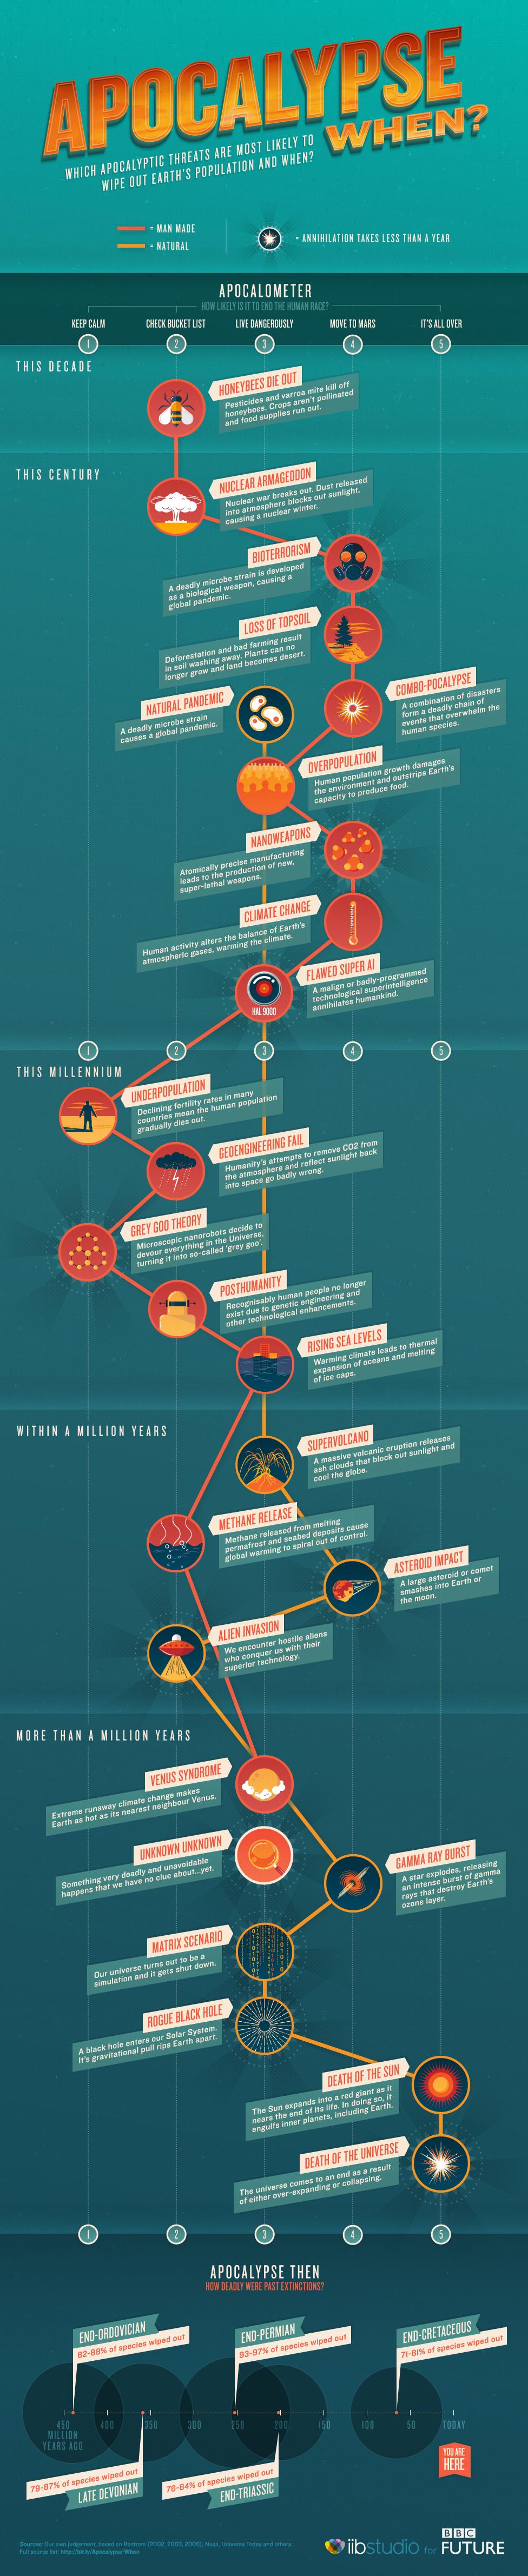 BBC - Future - Apocalypse when? Infographic guide to